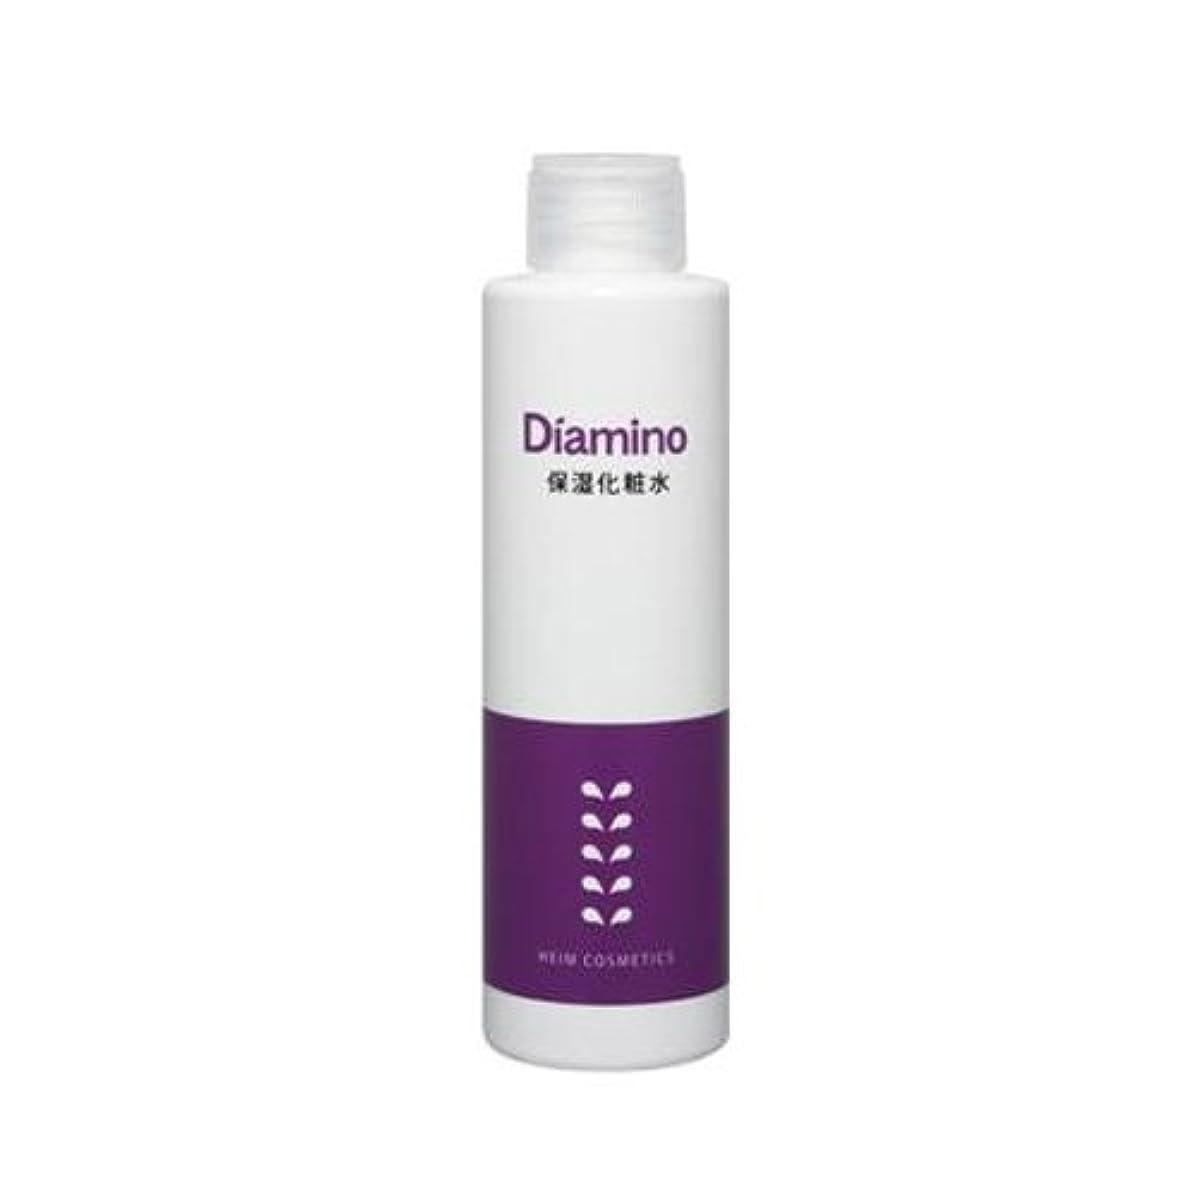 バーベキューコメント時ハイム ディアミノ 保湿化粧水 150ml